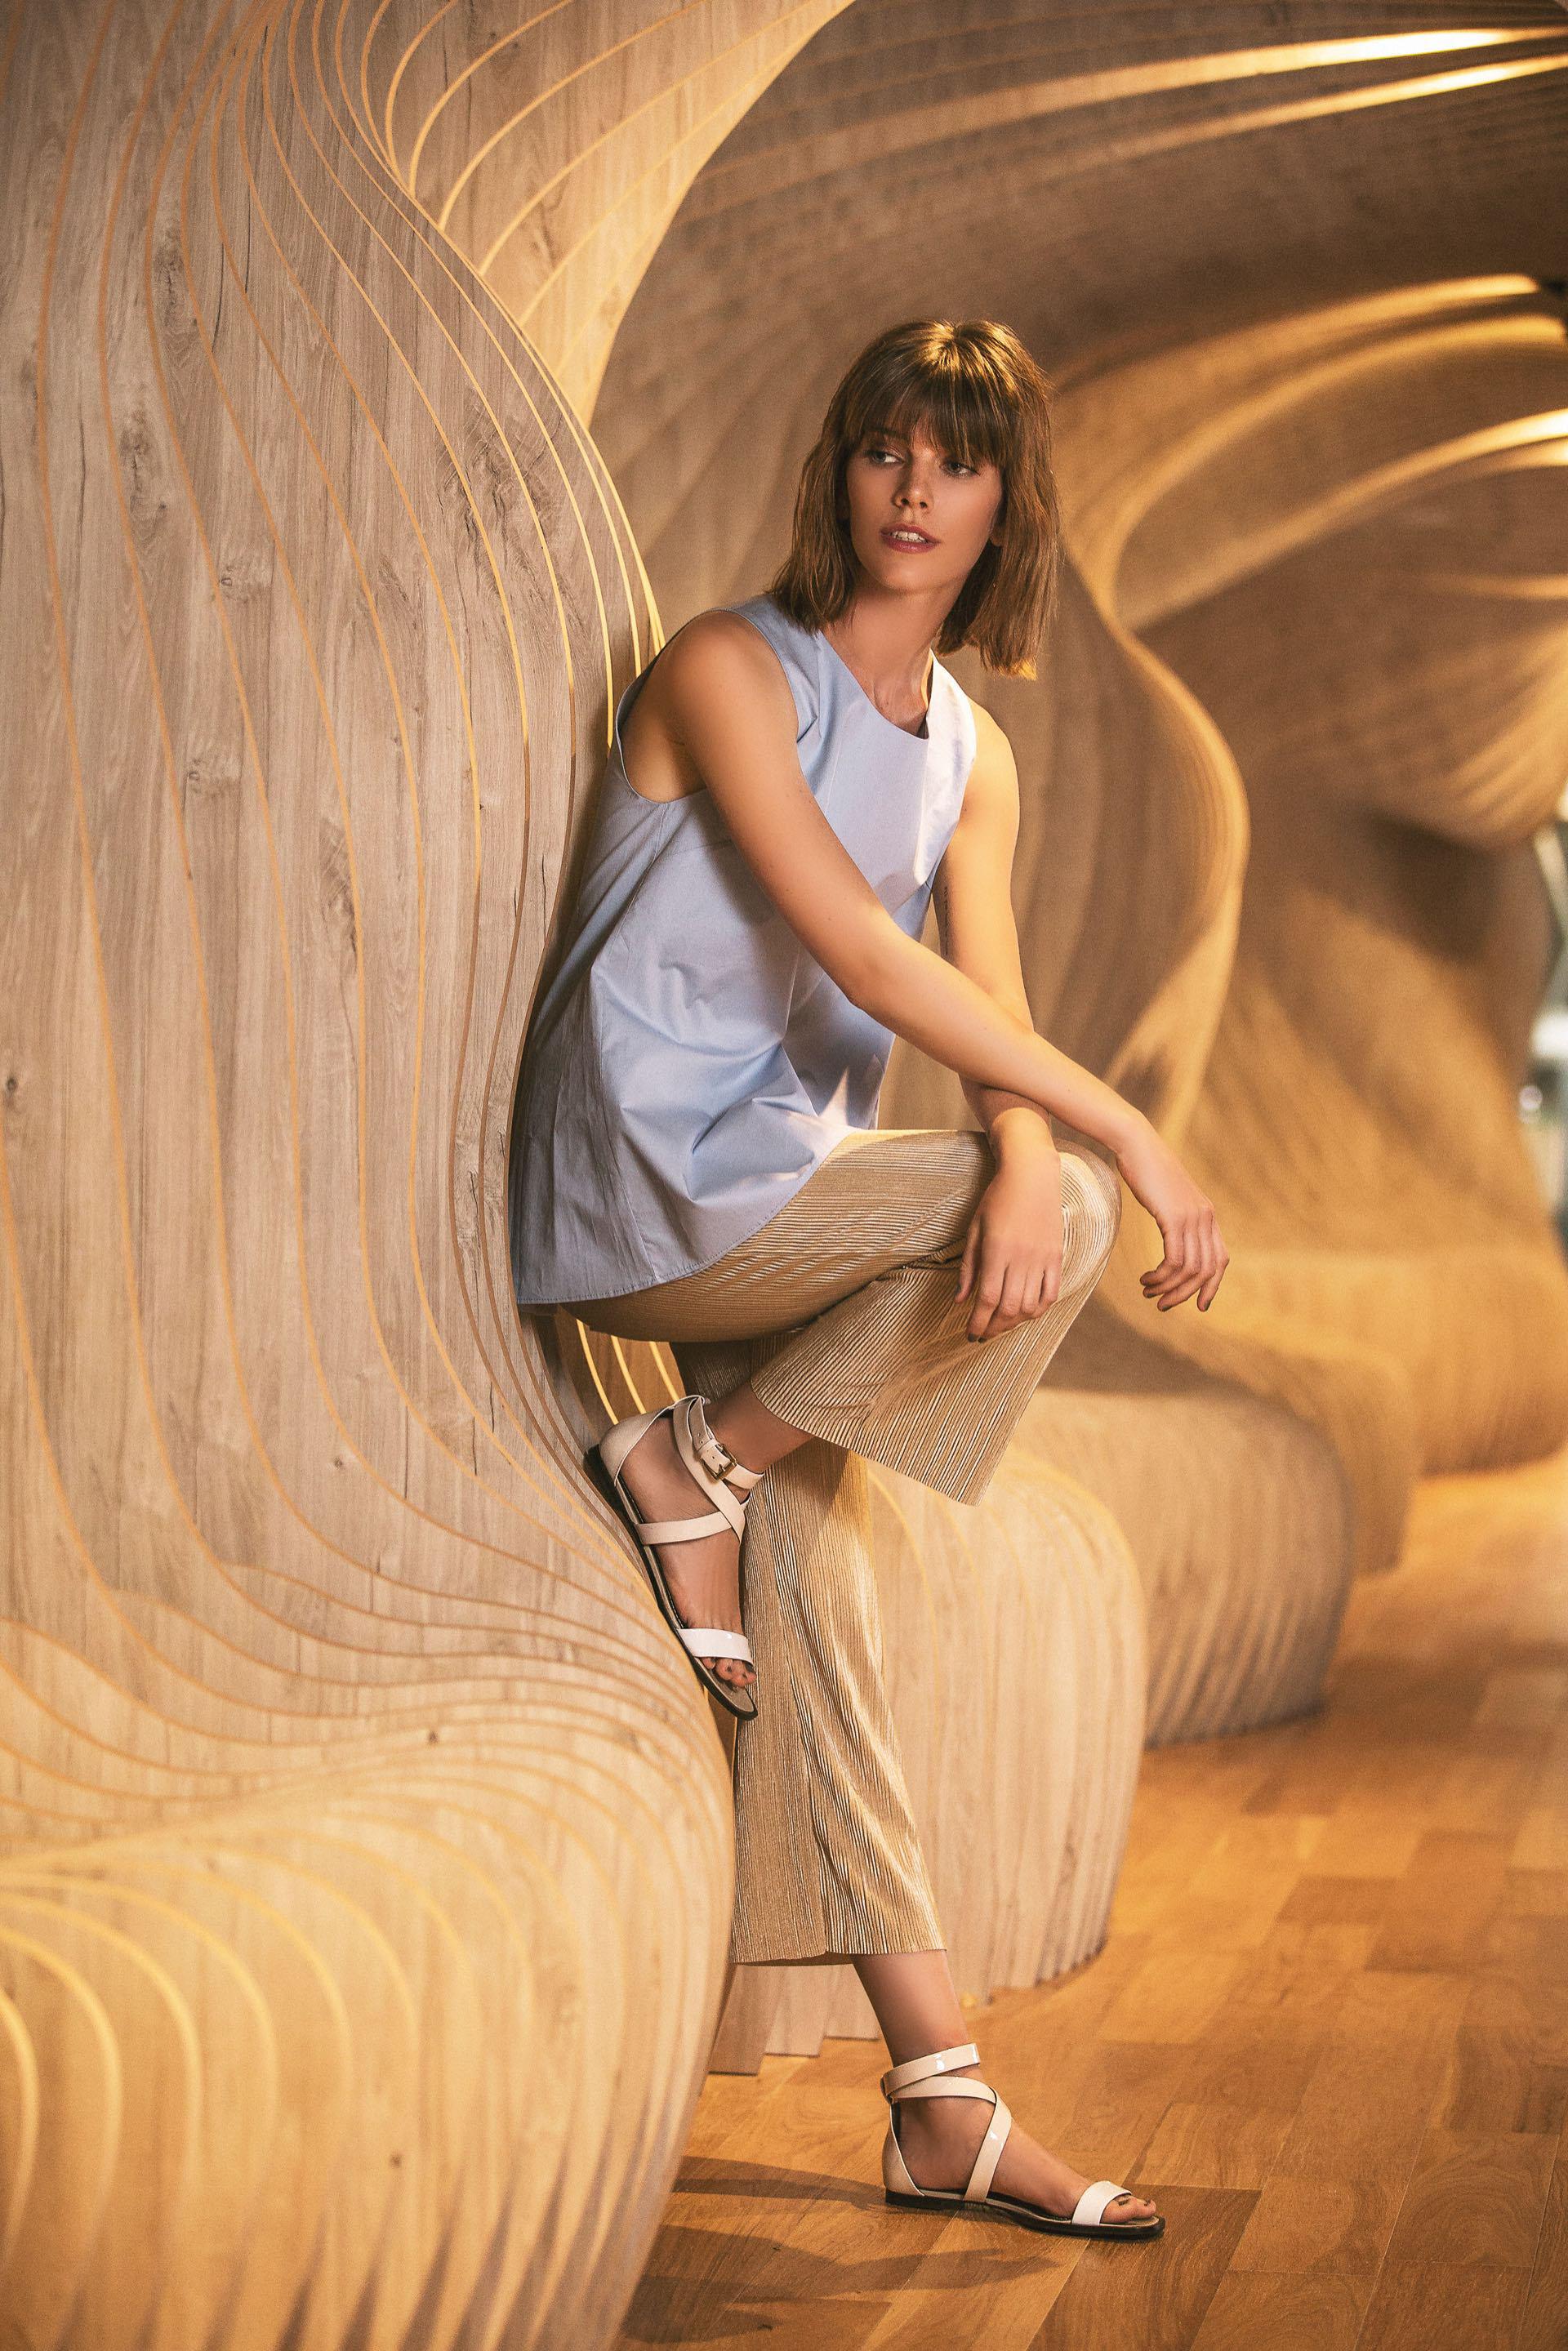 Camisa con tajos en la espalda ($ 1.920, Roma Renom), pantacourt plisado ($ 749, Peuque) y sandalias con tiras cruzadas ($ 3.780, Mishka).Foto Chino Toccalino/Para Ti